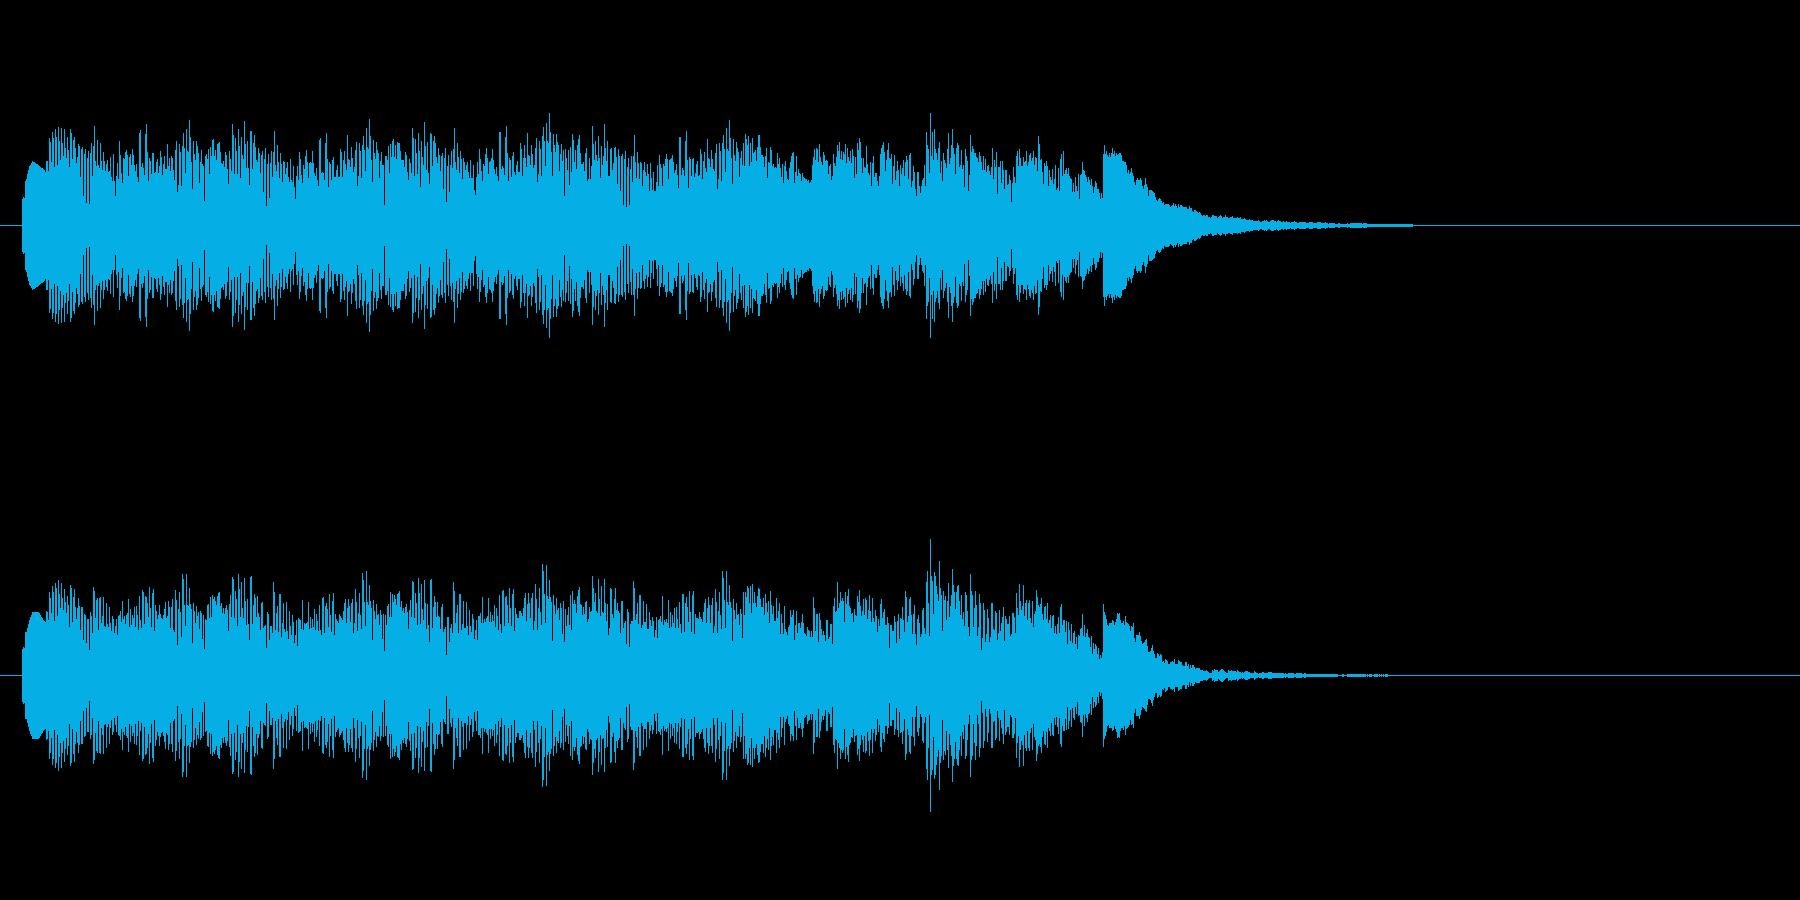 コミカル 間の抜けた(ジングル、転換音)の再生済みの波形